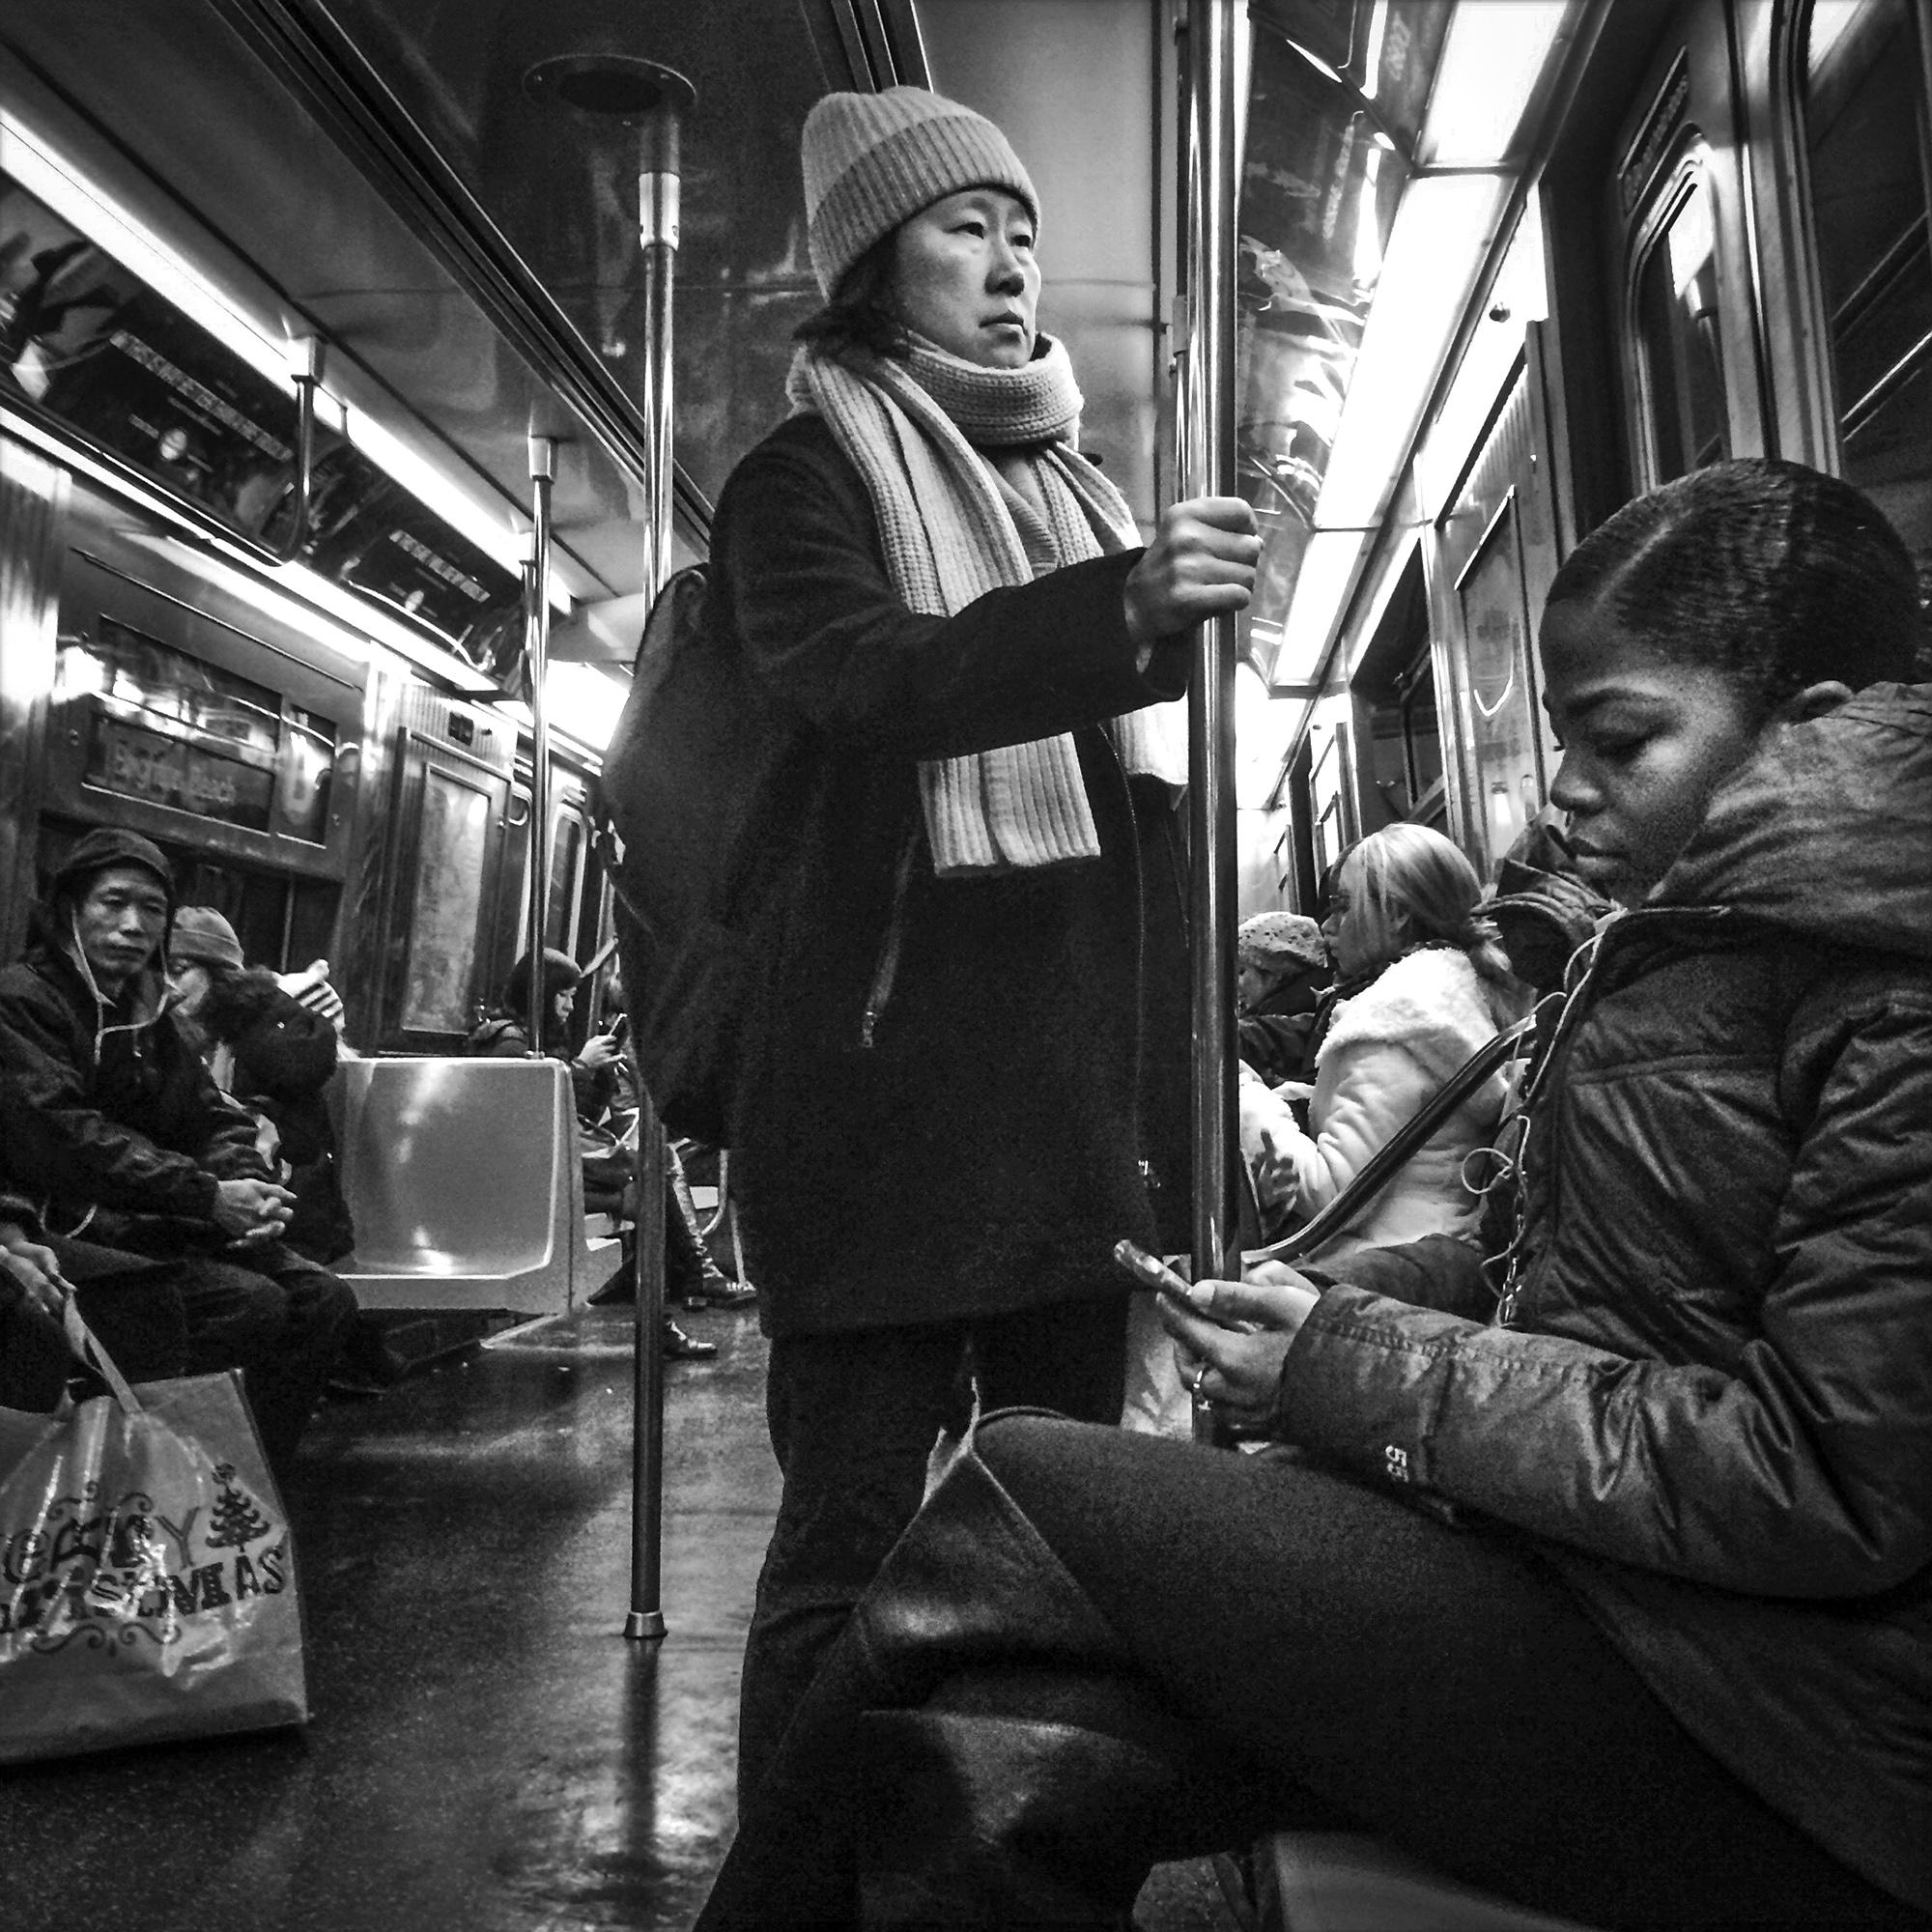 New York Subway, 2015